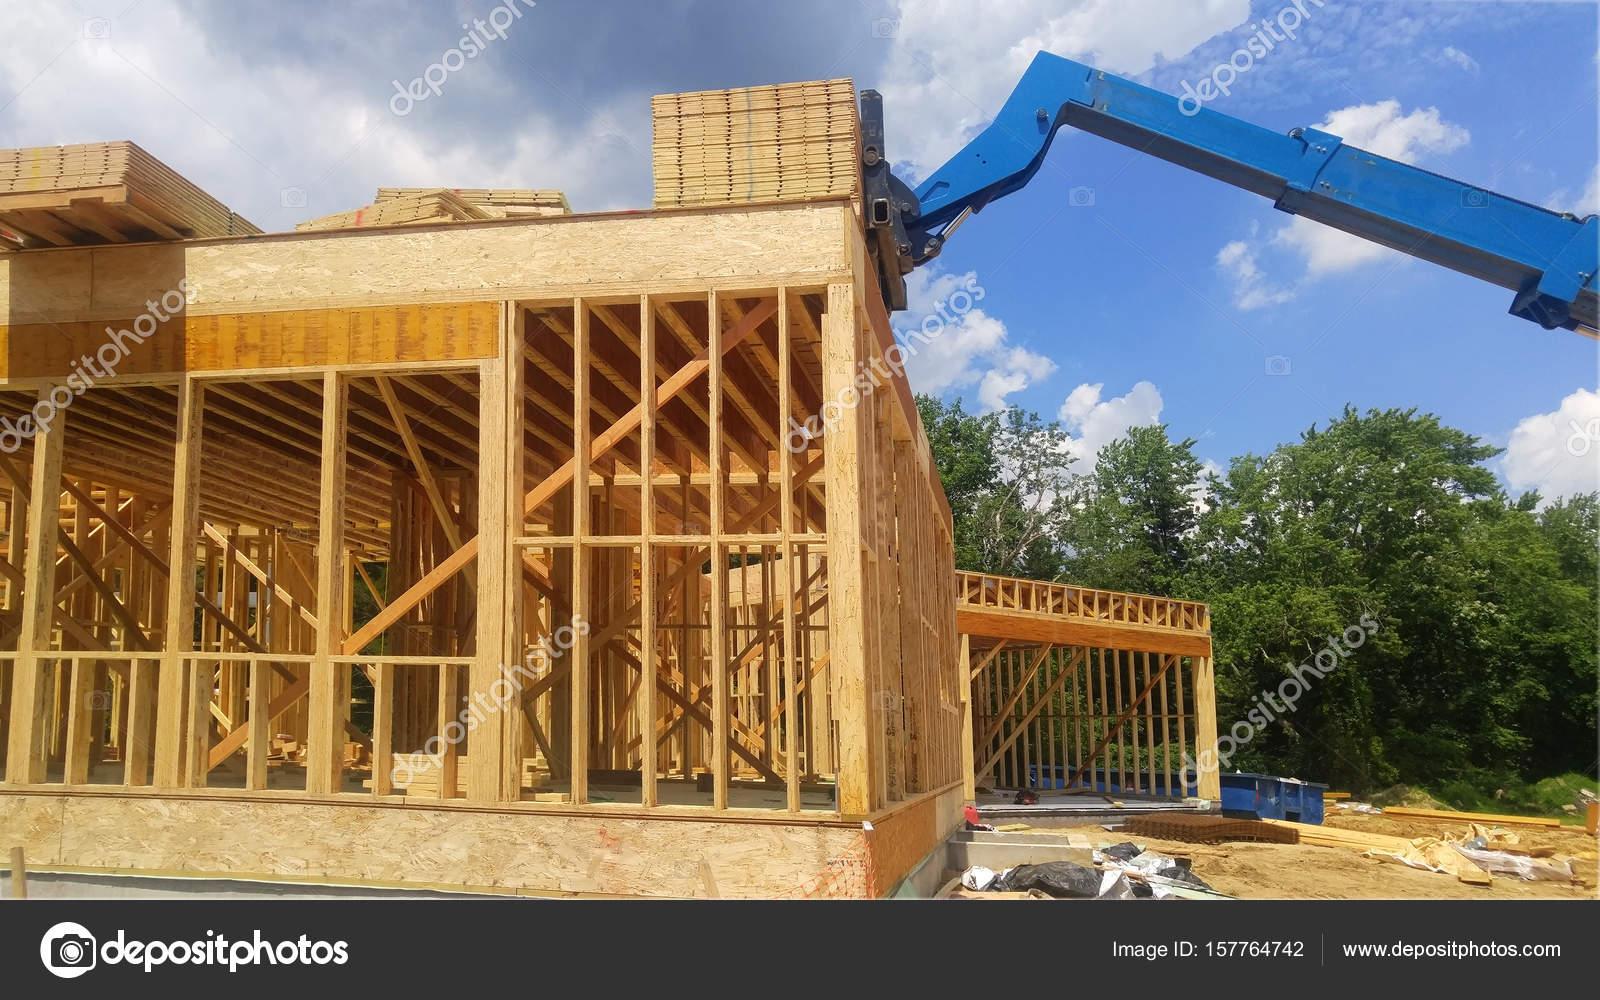 Resumen de marcos de madera casa construcción nueva — Fotos de Stock ...